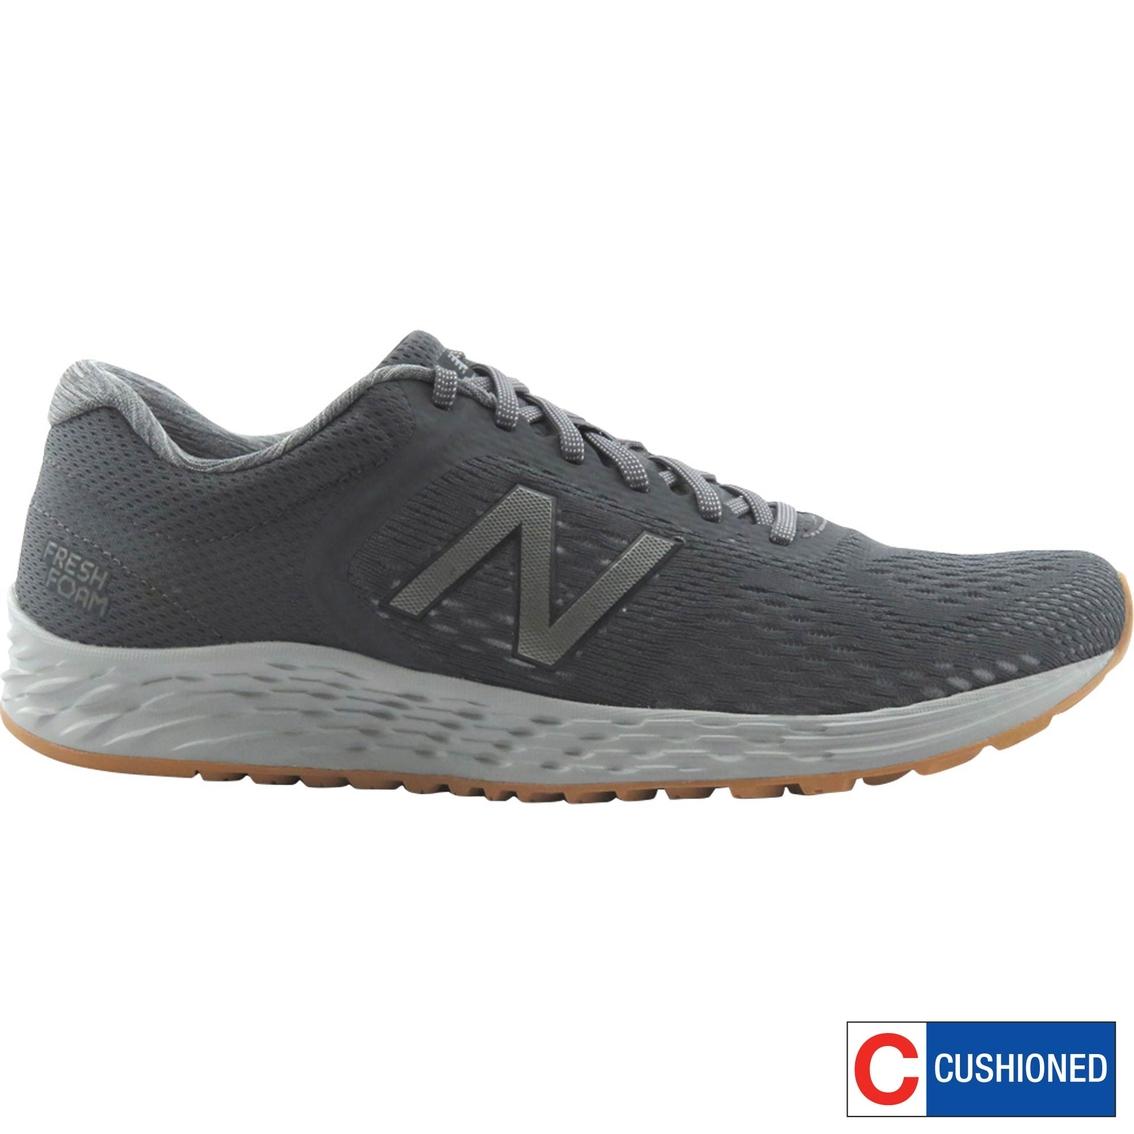 70ef572832c New Balance Men's Arishiv2 Cushioned Running Shoes Marisrg2 ...